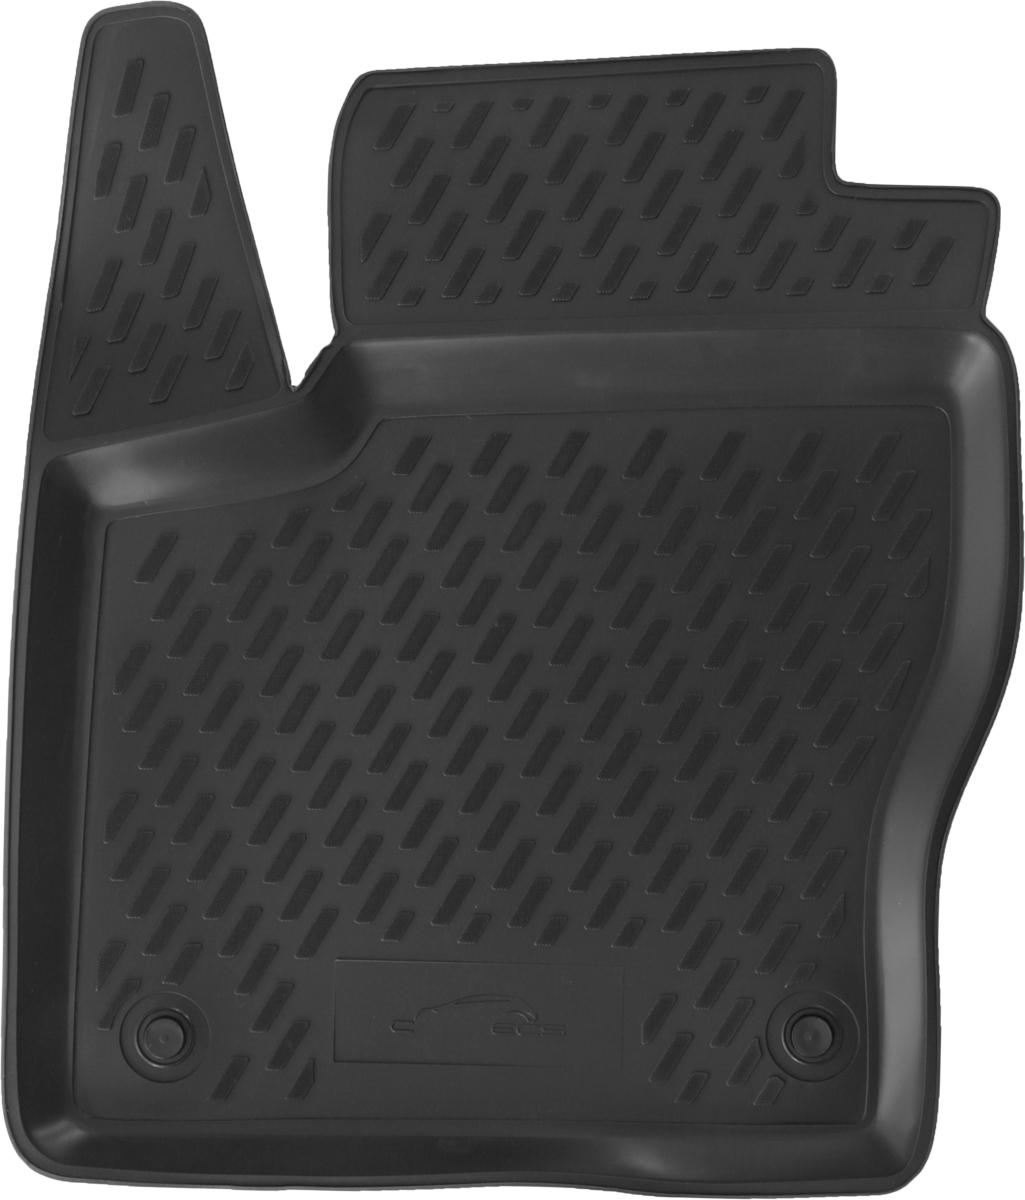 Коврик в салон автомобиля Element для Ford Focus 3, 04/2011 - 2015, передний левыйCARFRD00001hflКоврик улучшит внешний вид салона автомобиля и надежно убережет его от пыли, грязи и сырости, а значит, защитит кузов от коррозии. Полиуретановый коврик гладкий, приятный и не пропускает влагу. Полиуретановый автомобильный коврик произведен из высококачественного материала, который держит форму и не пачкает обувь. Коврик надежно крепится на полу и не скользит, что очень важно во время движения, особенно для водителя. Изделие из полиуретана надежно удерживает грязь и влагу, при этом всегда выглядит довольно опрятно. И чистится он очень просто: как при помощи автомобильного пылесоса, так и различными моющими средствами.